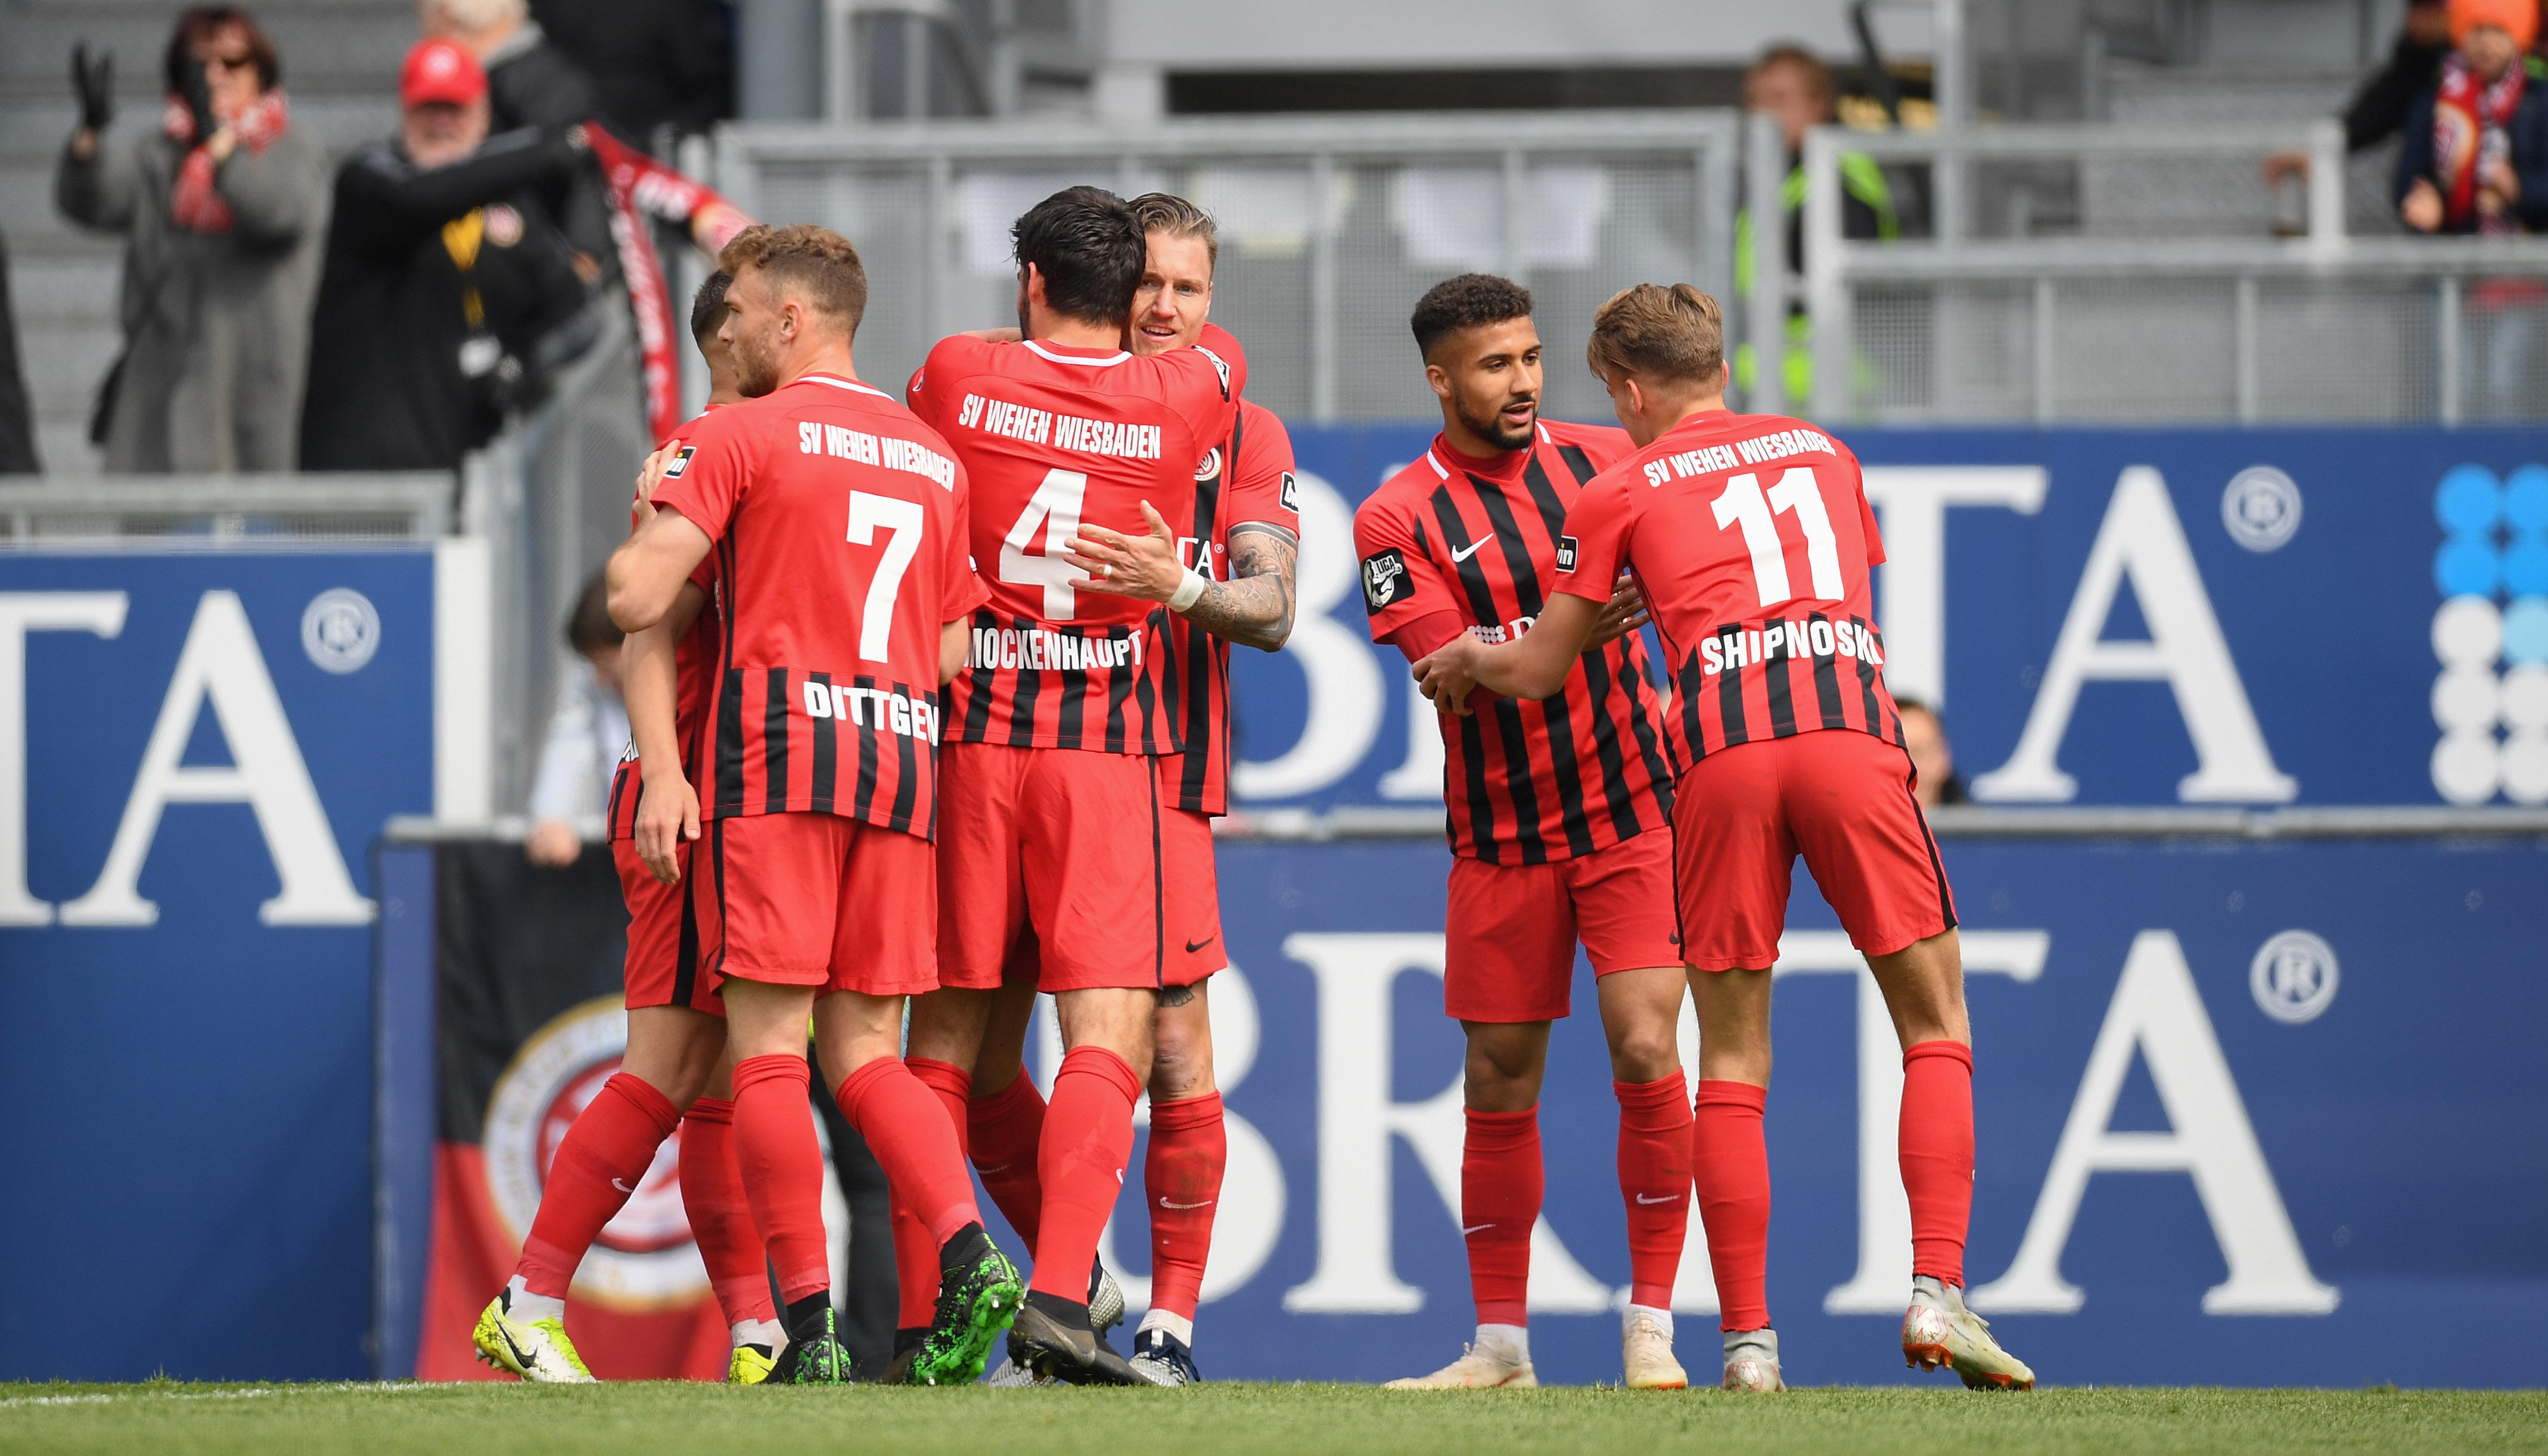 Relegation zur 2. Bundesliga: Die letzten Fakten vor dem Showdown